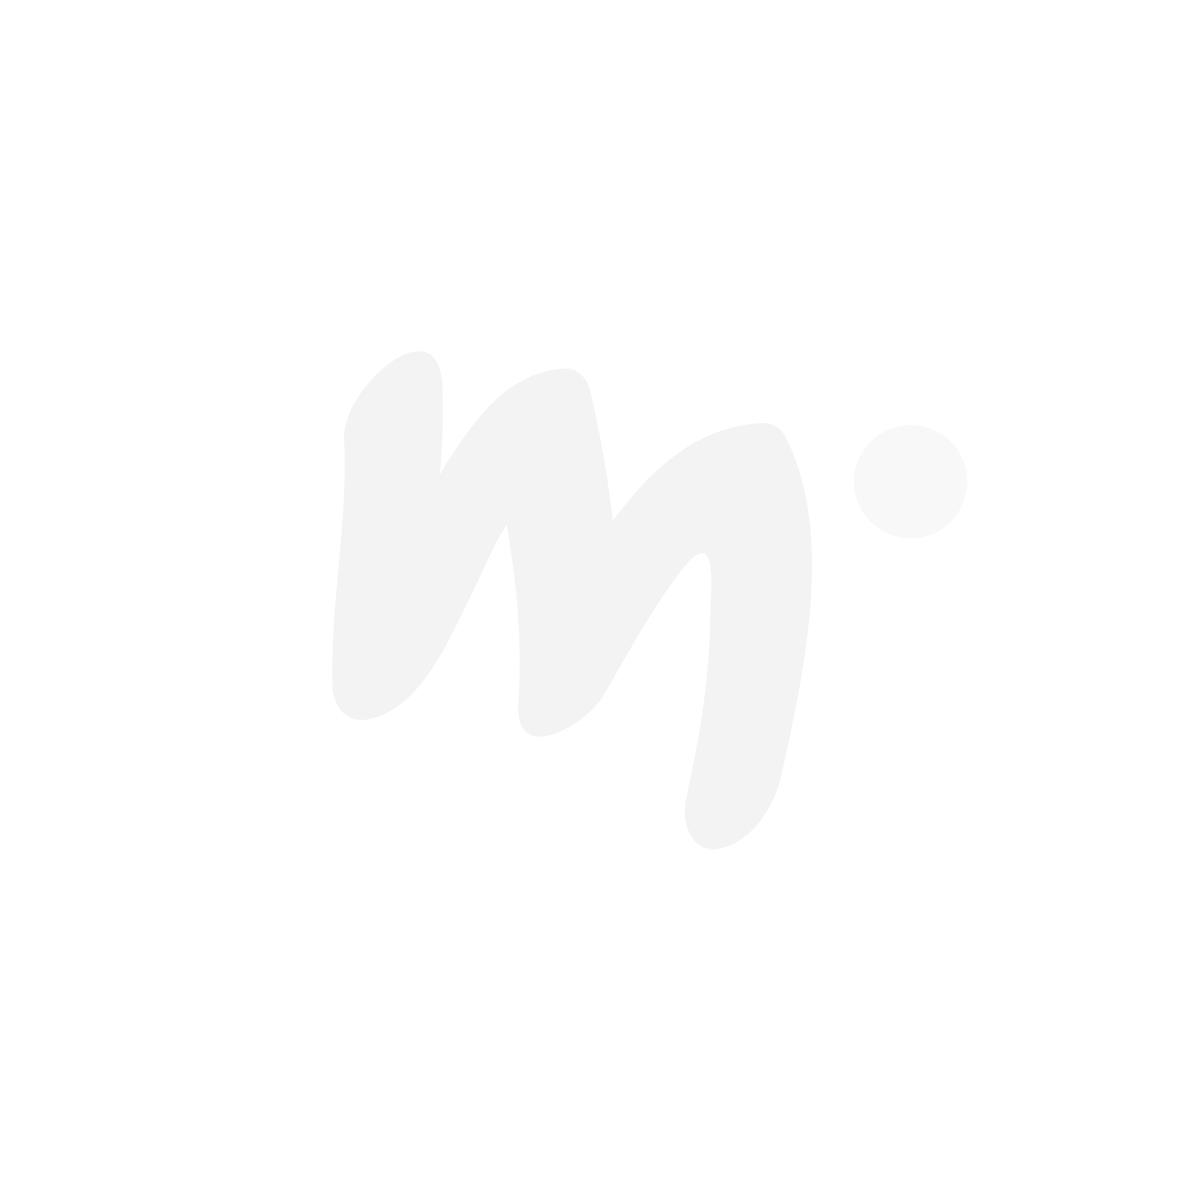 Moomin Advent Calendar 2019